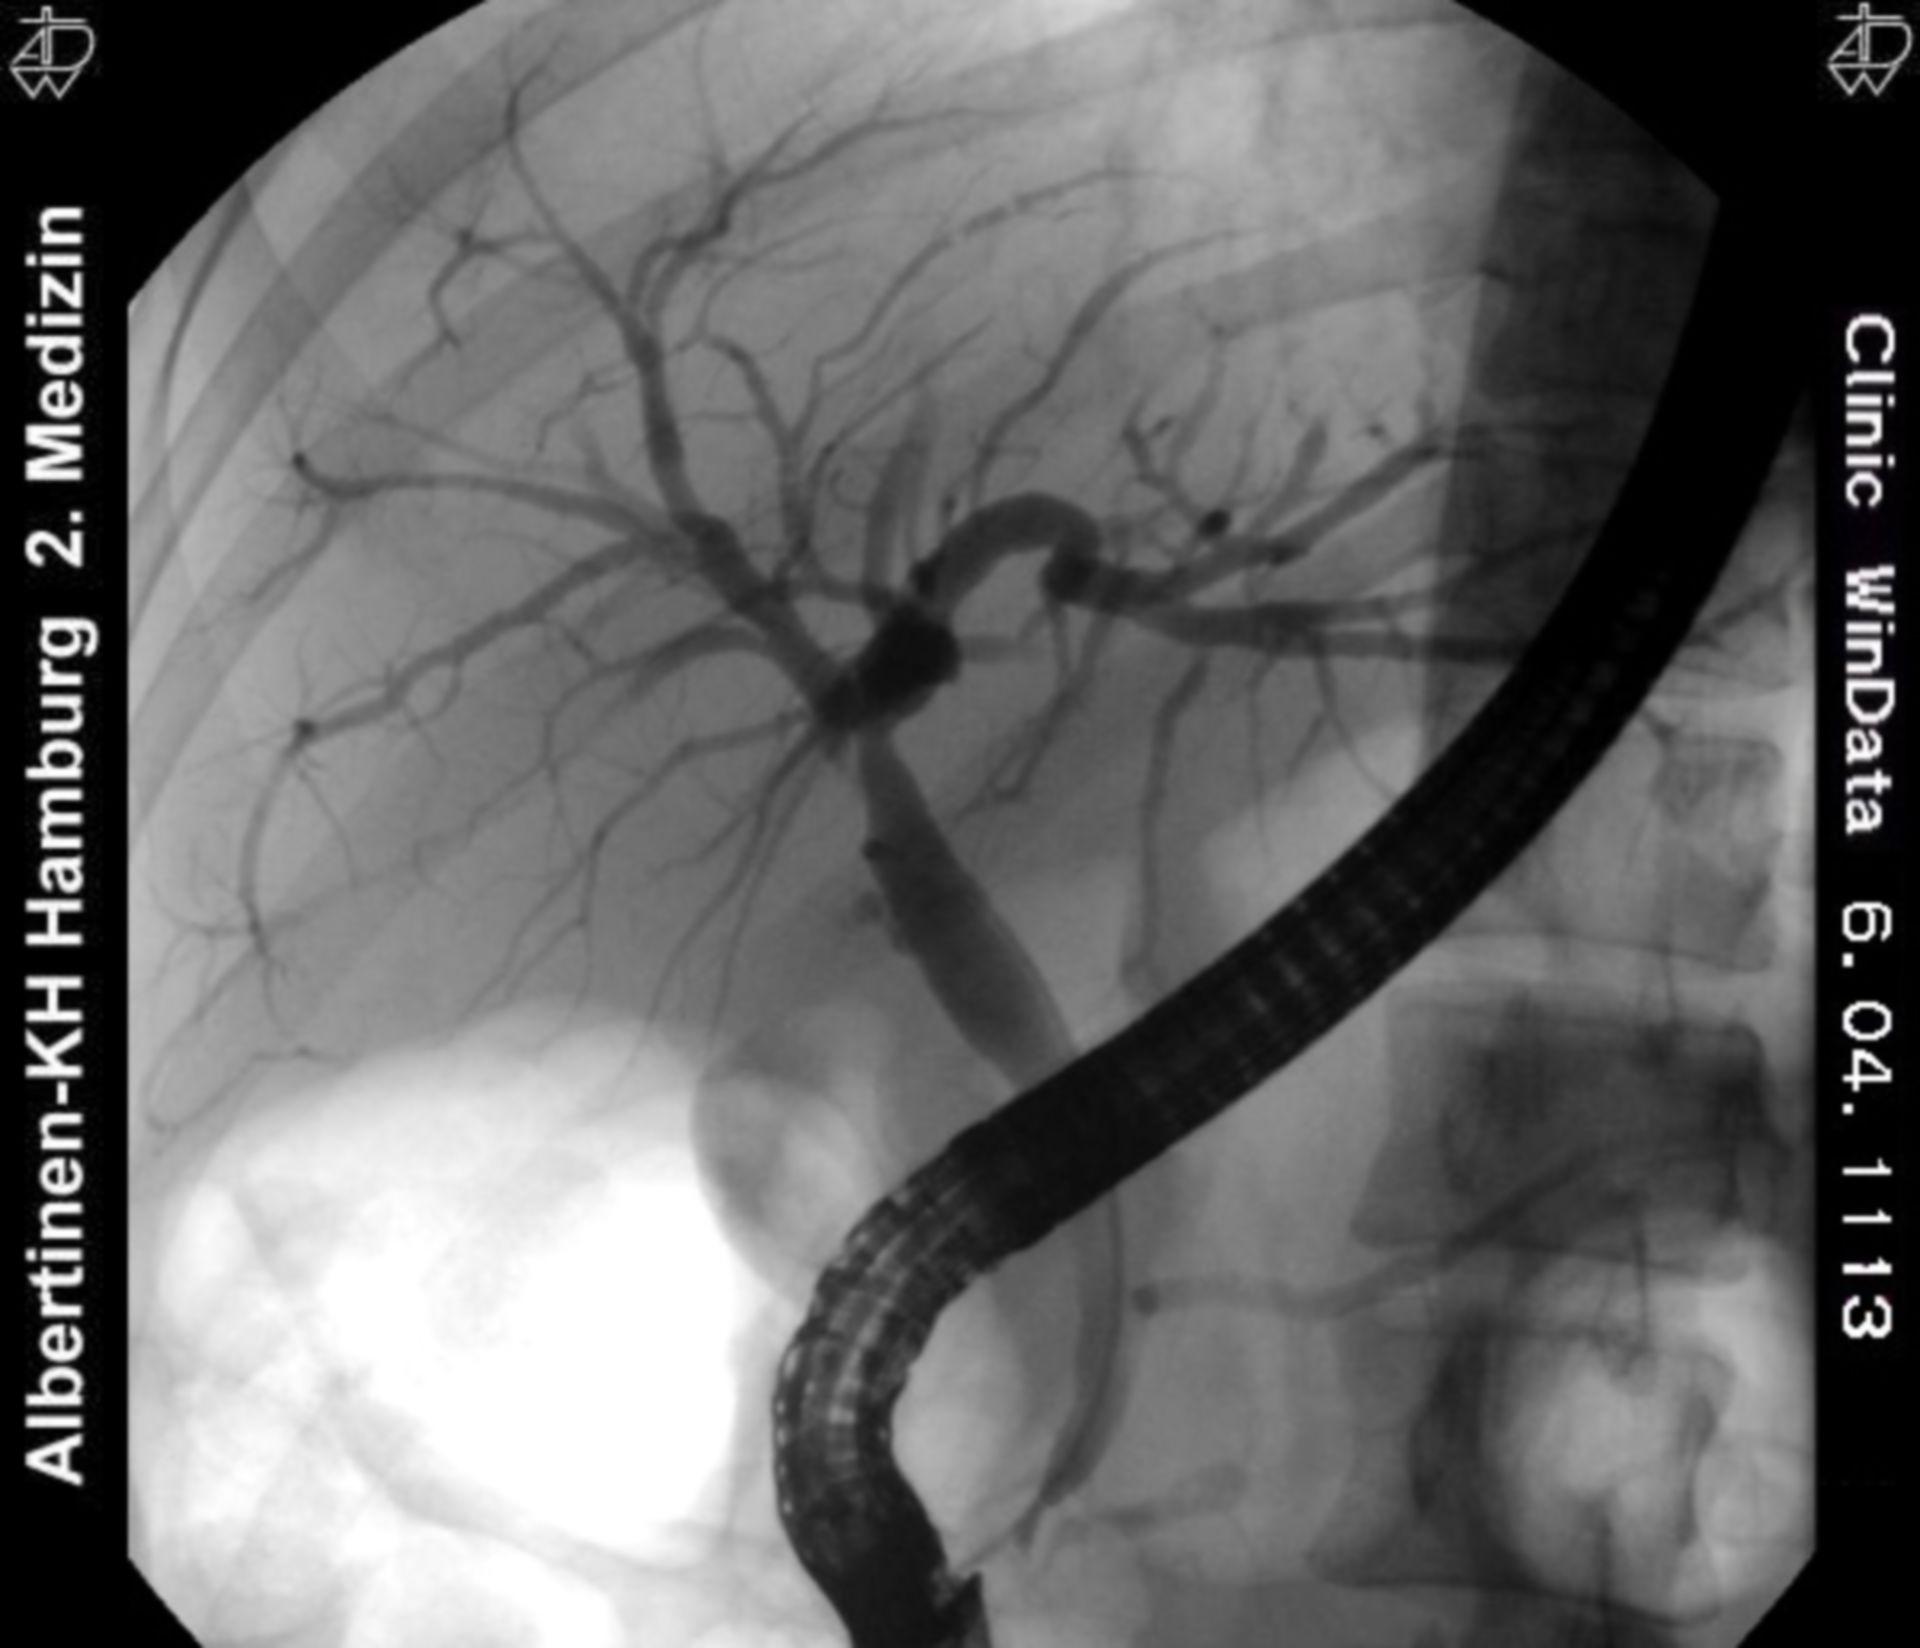 Albero biliare - normale - Periferia